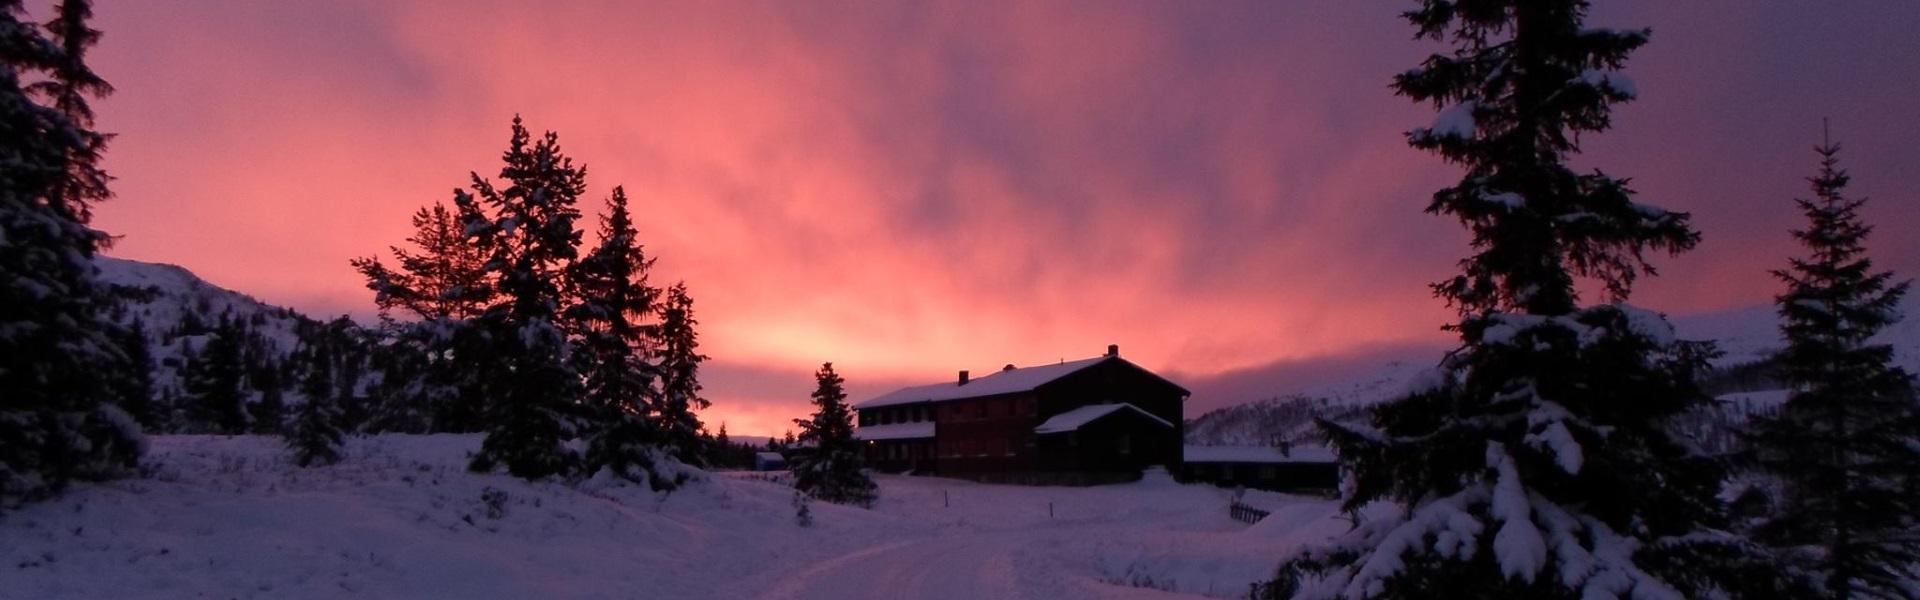 Besøk Rondane Fjellstue denne vinteren!